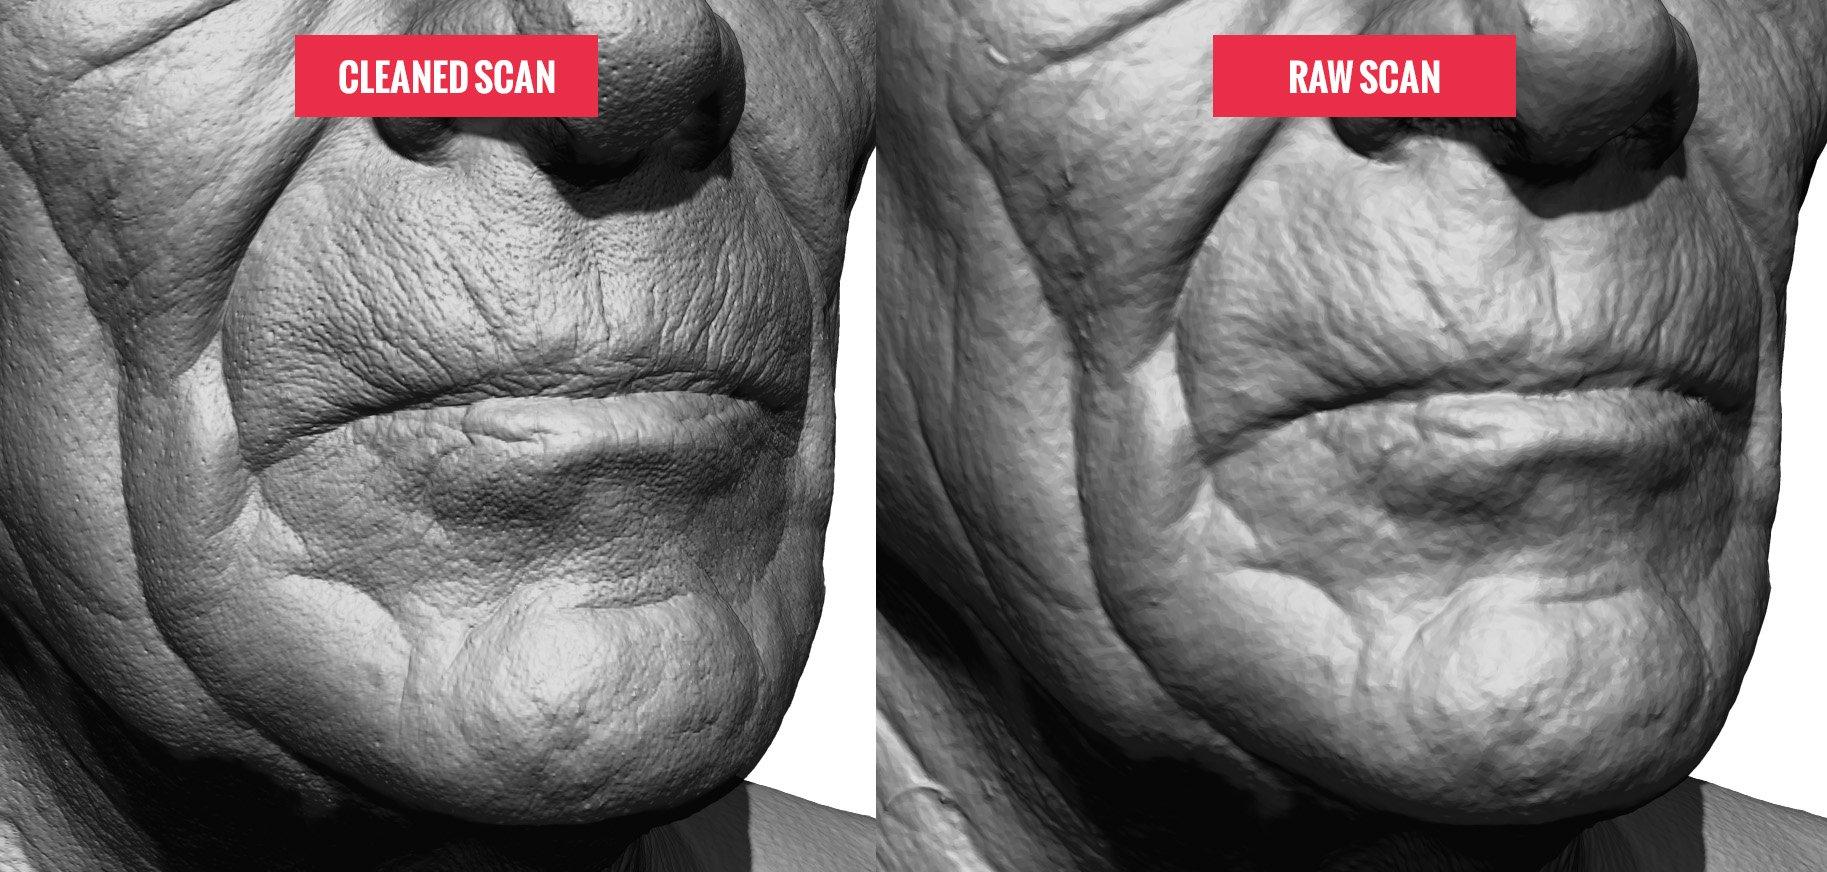 3d Scan Comparison Guide